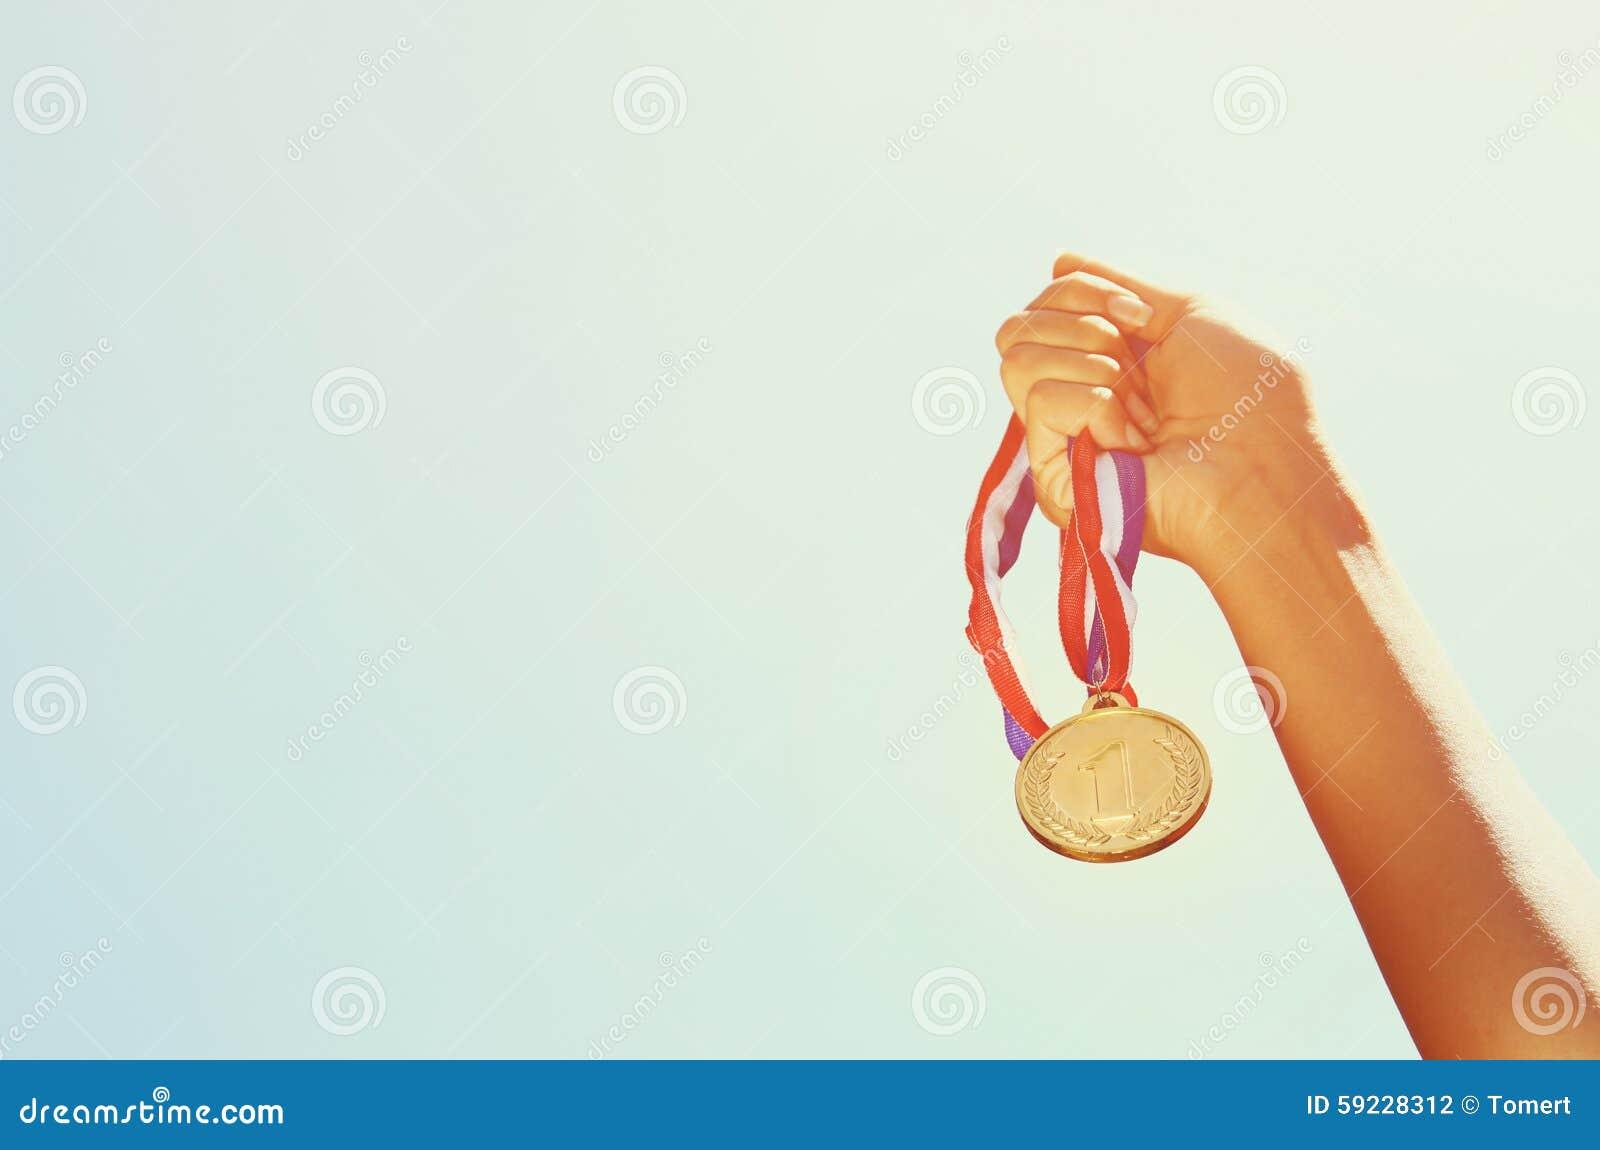 Download La Mano De La Mujer Aumentó, Sosteniendo La Medalla De Oro Contra El Cielo Concepto Del Premio Y De La Victoria Foto de archivo - Imagen de primero, atleta: 59228312